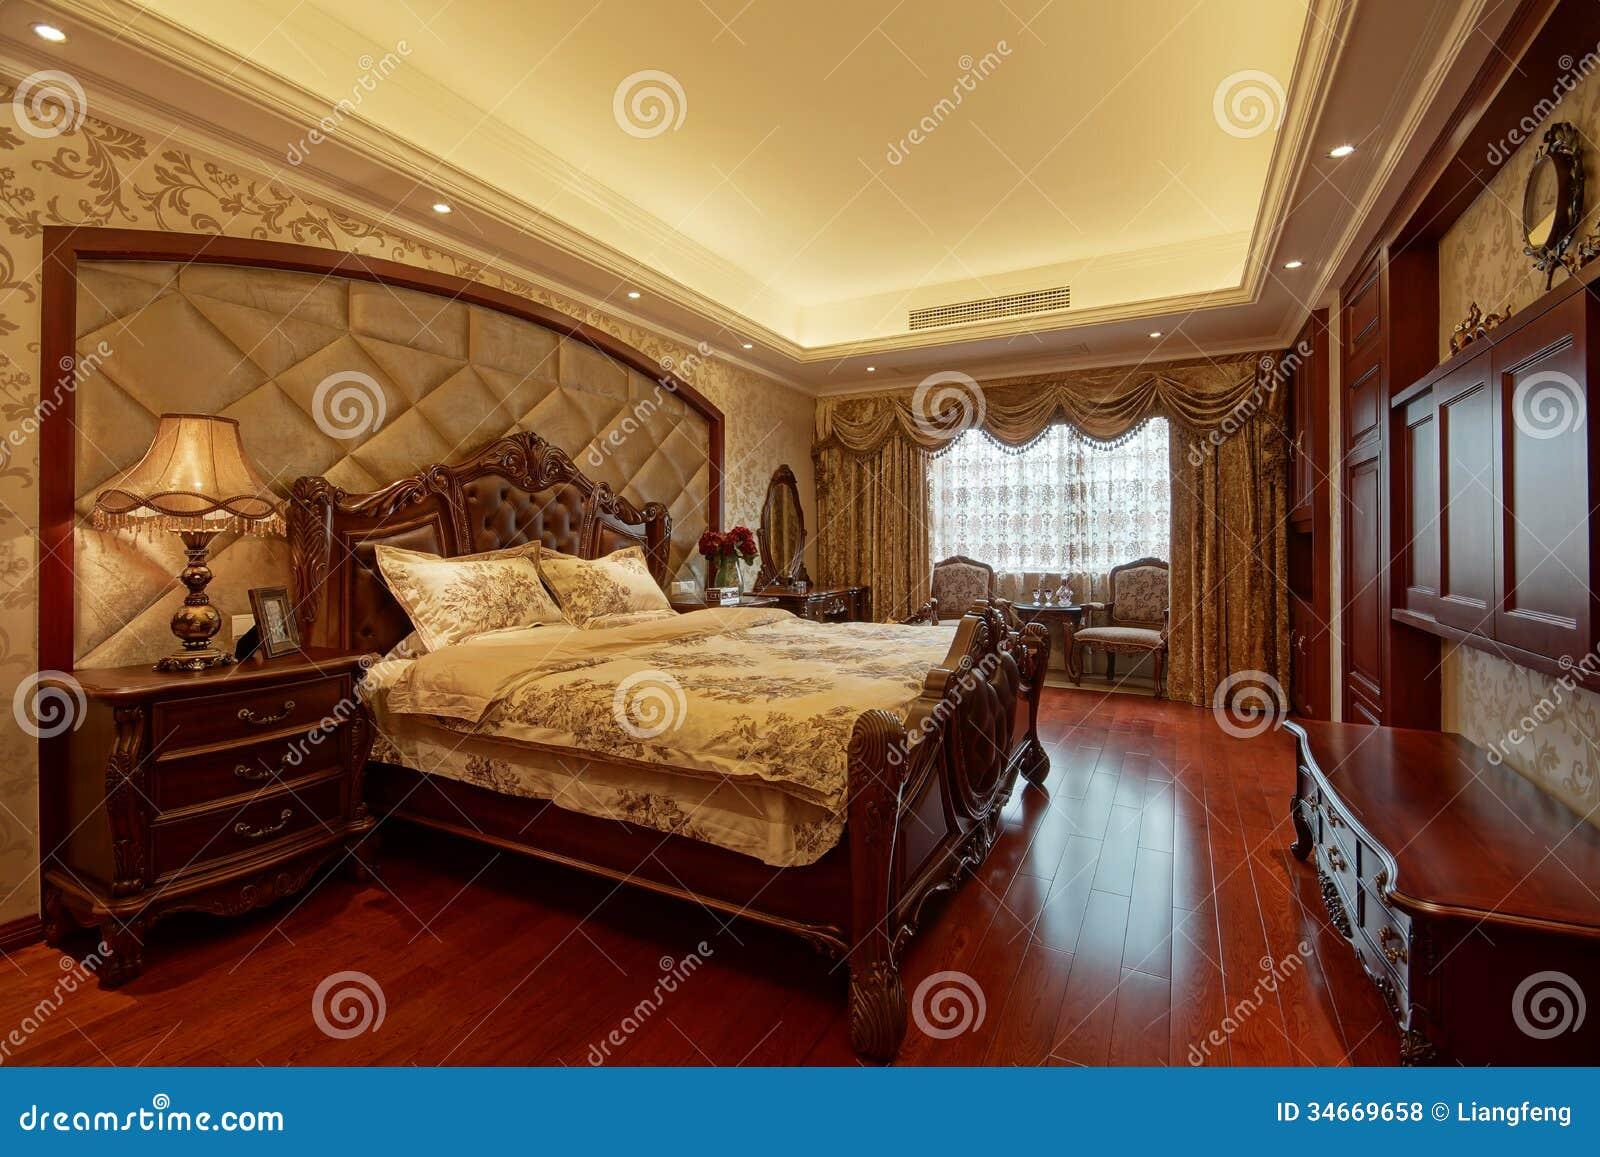 room - Cozy Bedrooms